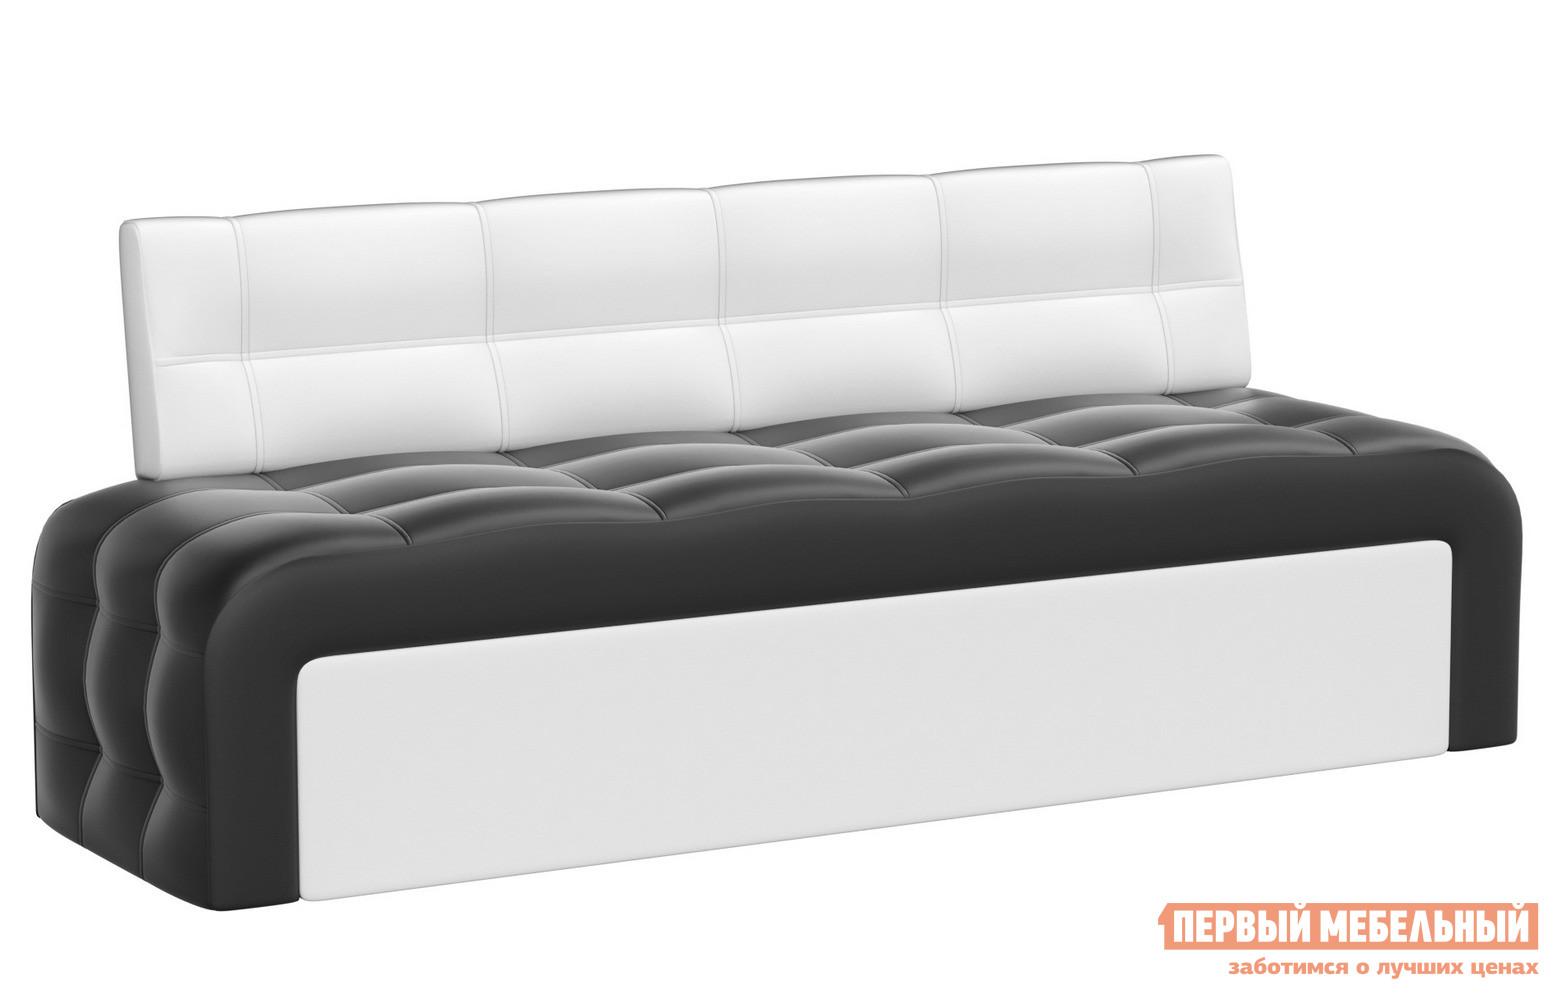 Диван-кровать для кухни прямой Мебелико Кухонный диван Люксор эко-кожа прямой кухонный раскладной диван для маленькой кухни мебелико кухонный диван люксор микровельвет